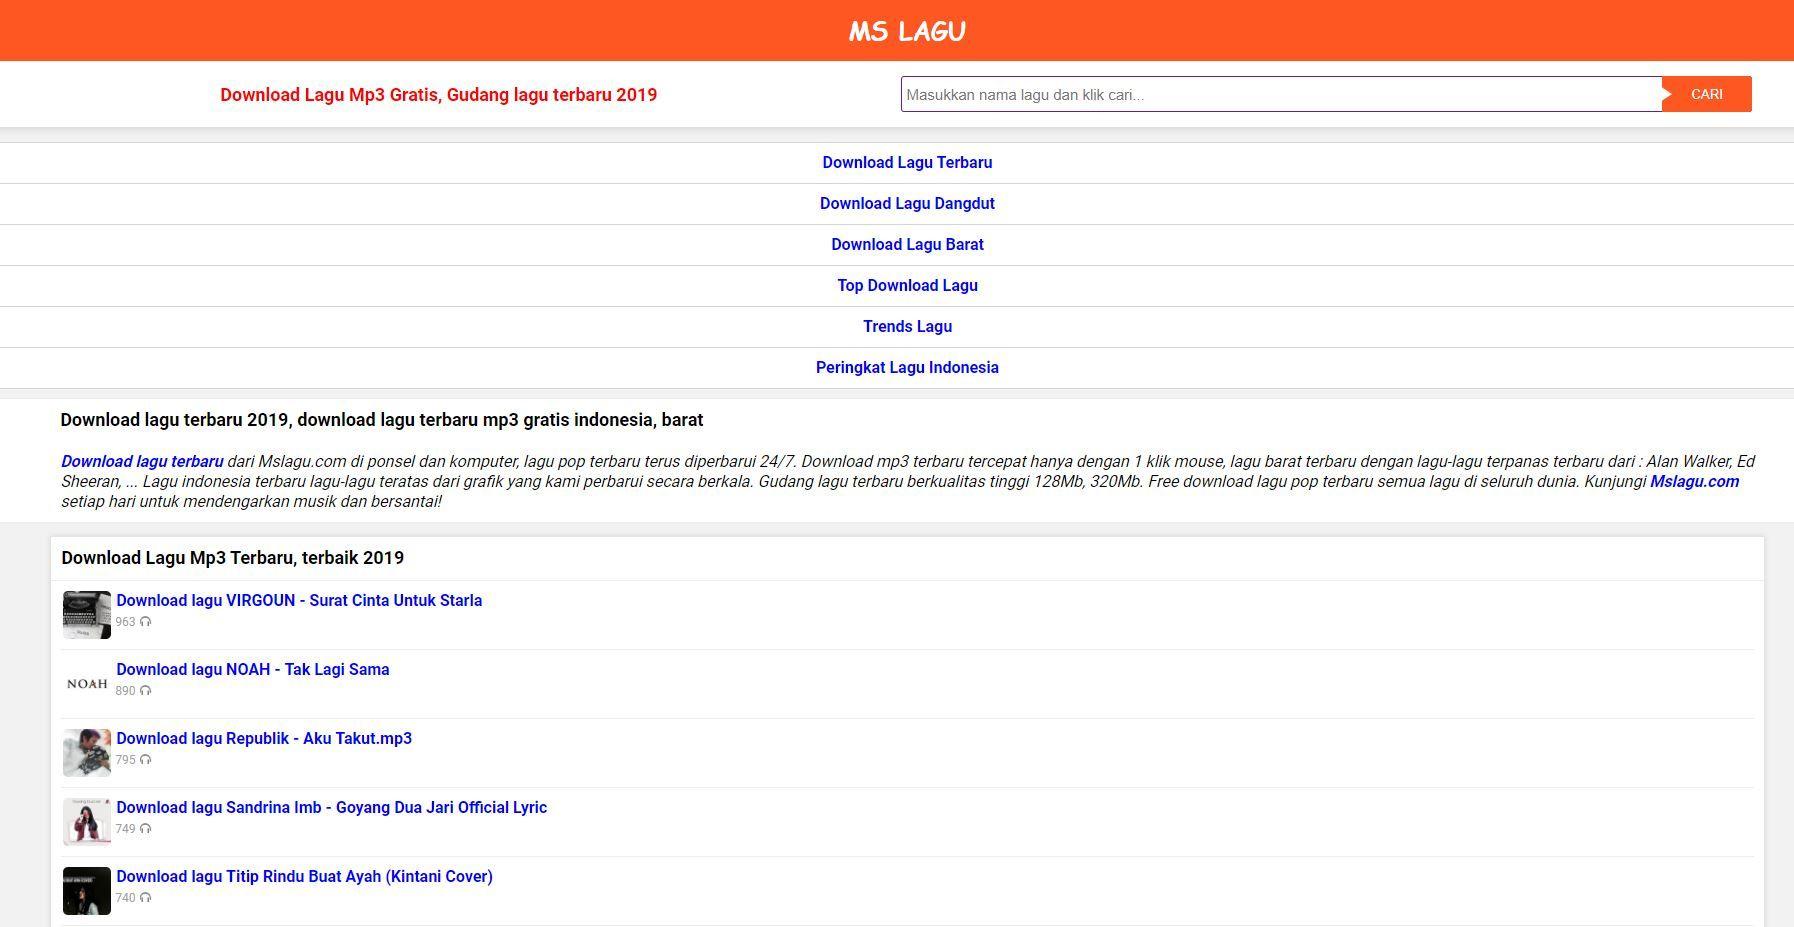 Download Lagu Terbaru Dari Mslagu Com Di Ponsel Dan Komputer Lagu